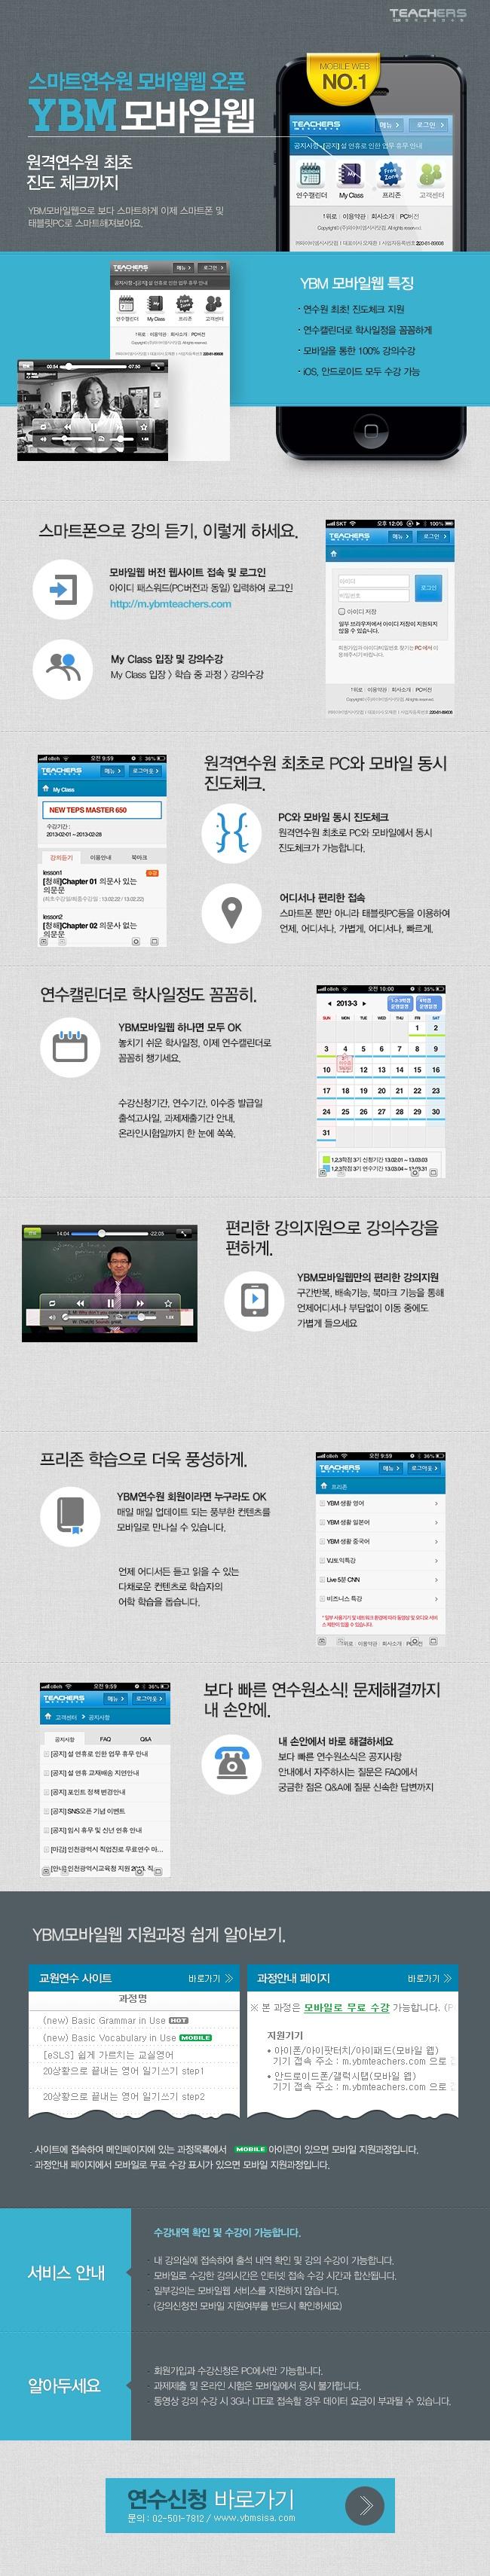 [교원연수]모바일웹 소개페이지(김보인)